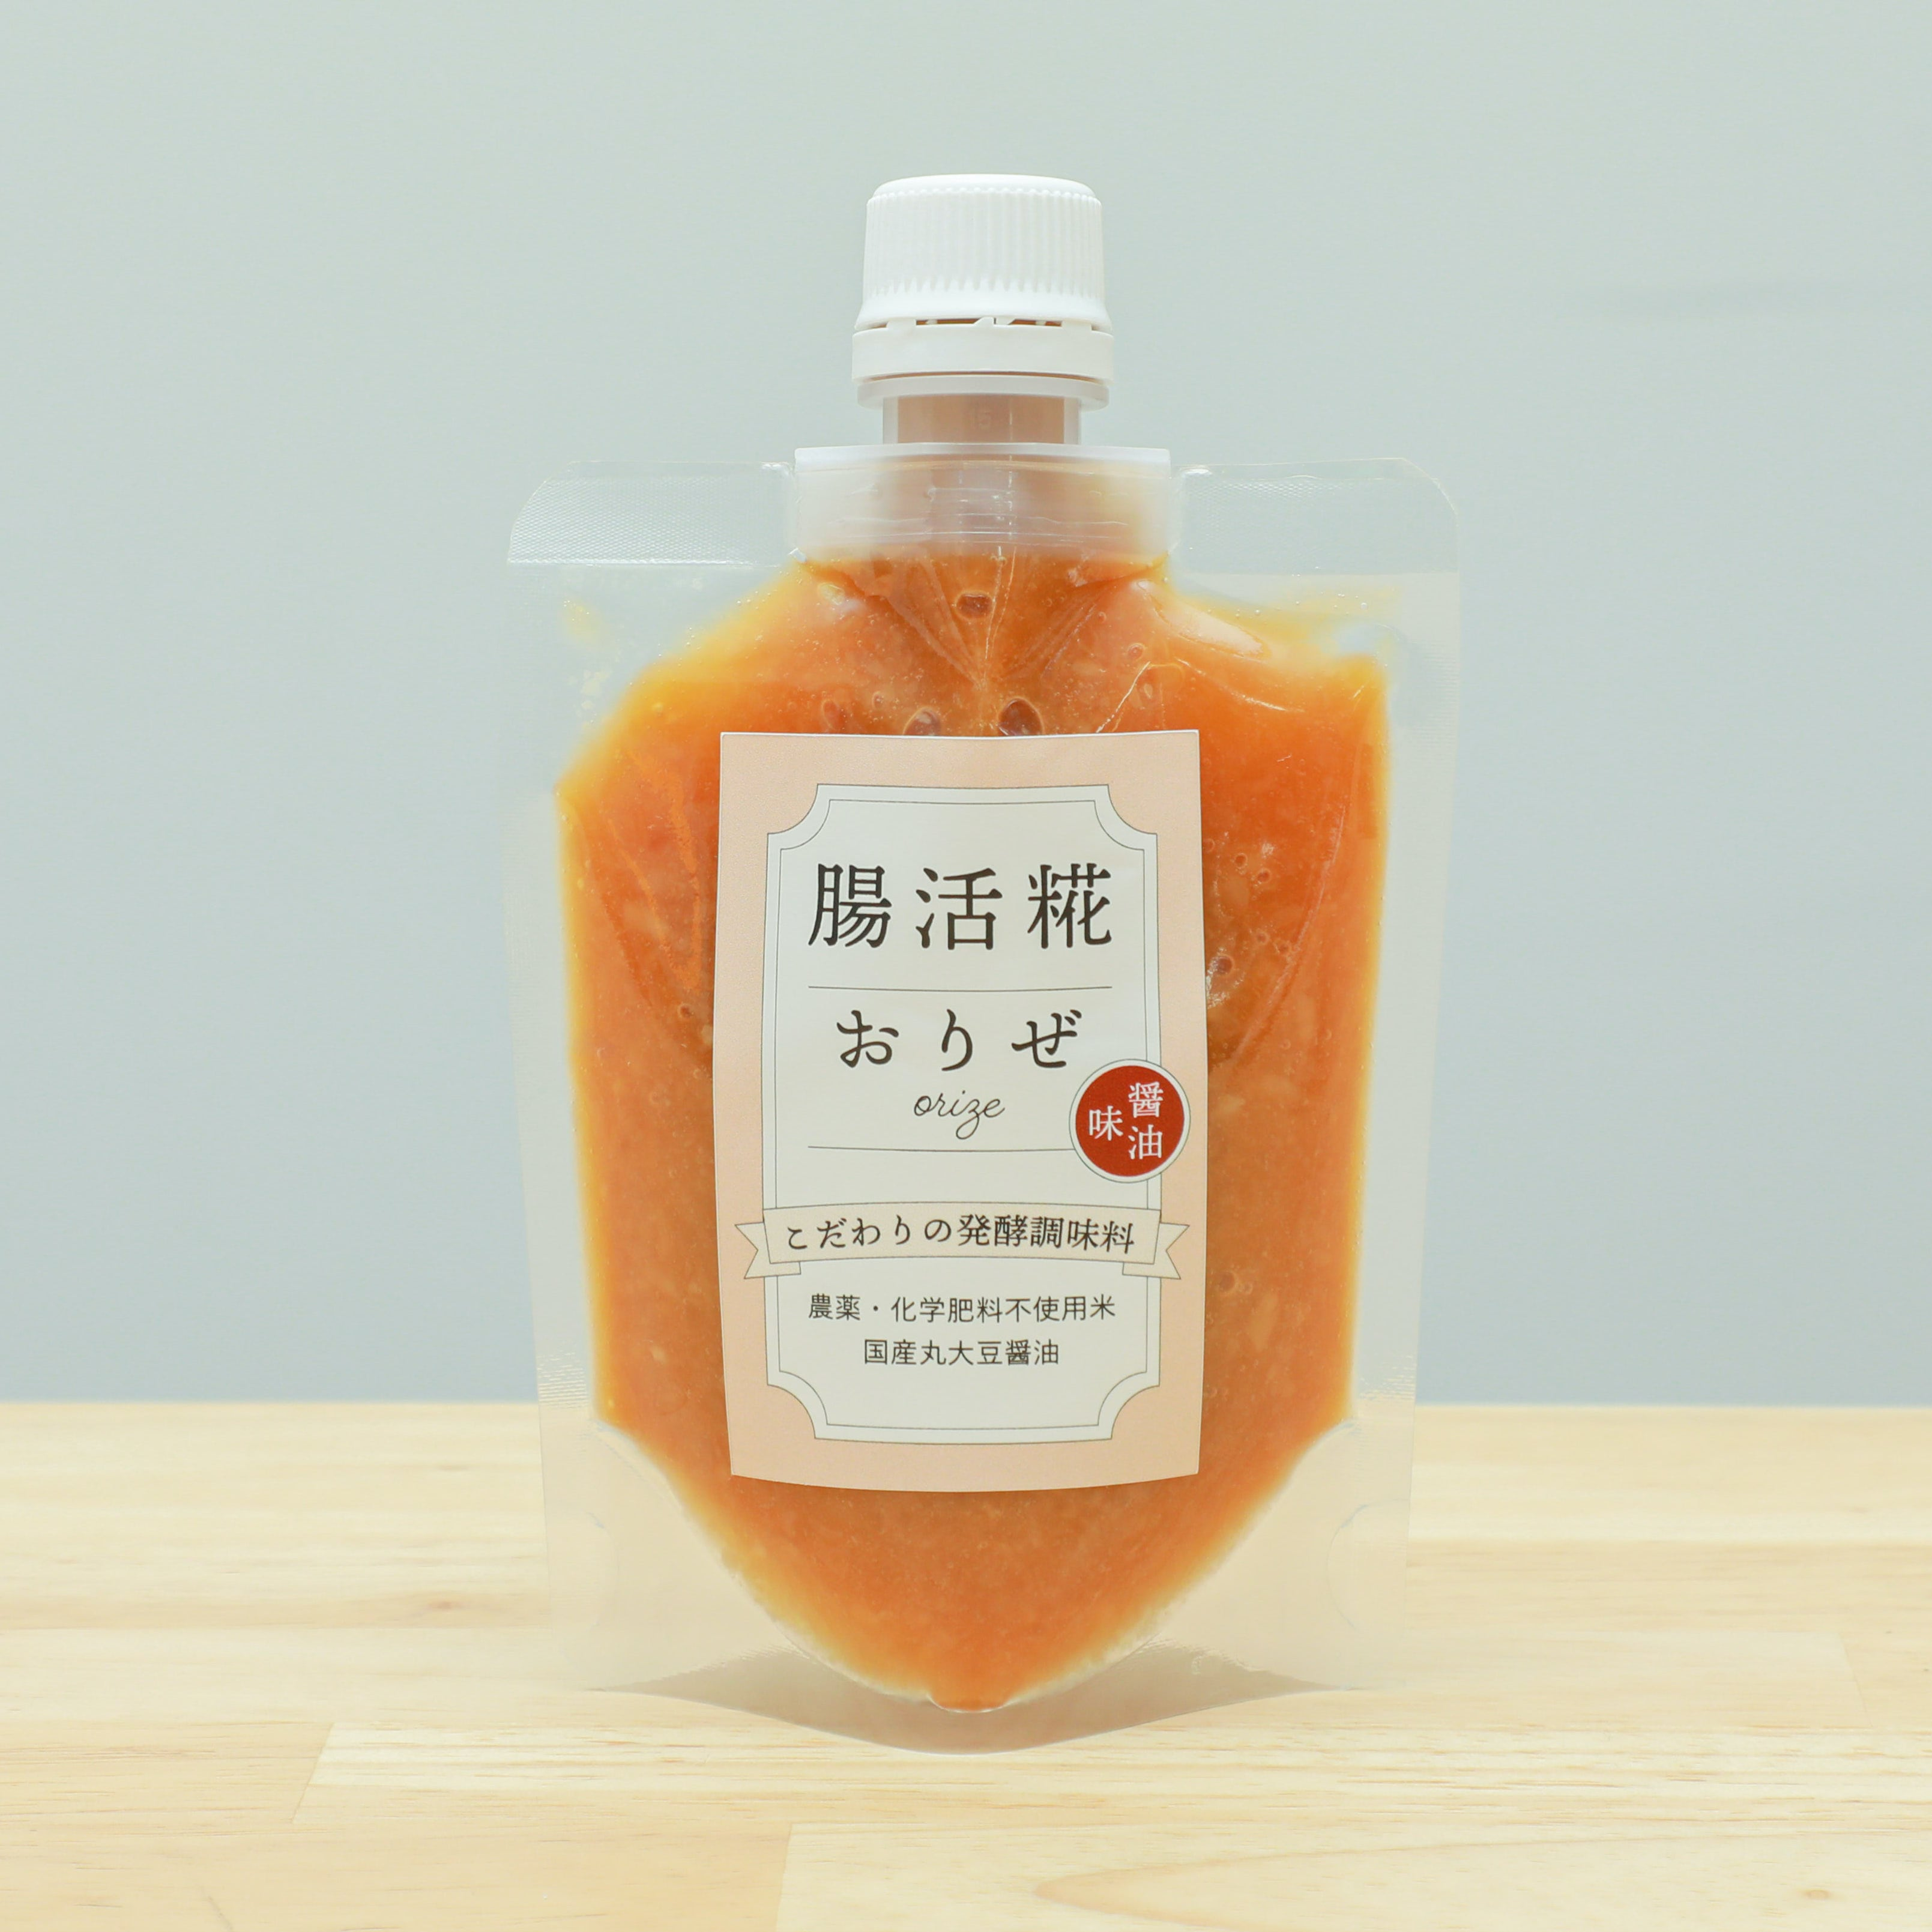 【腸活糀】おりぜ醤油味180g